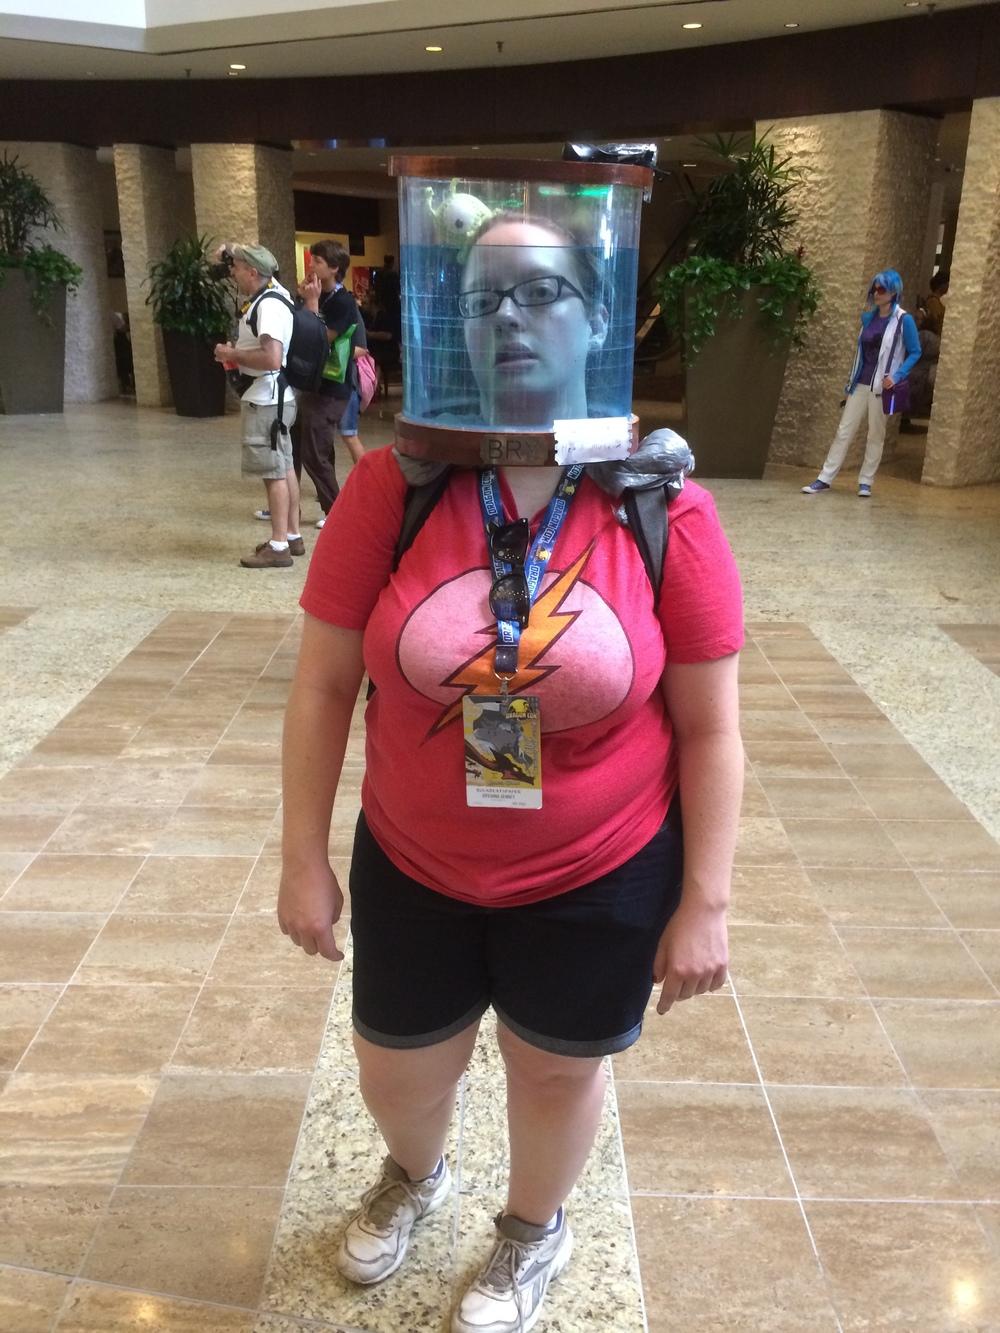 Custom Futurama jarhead